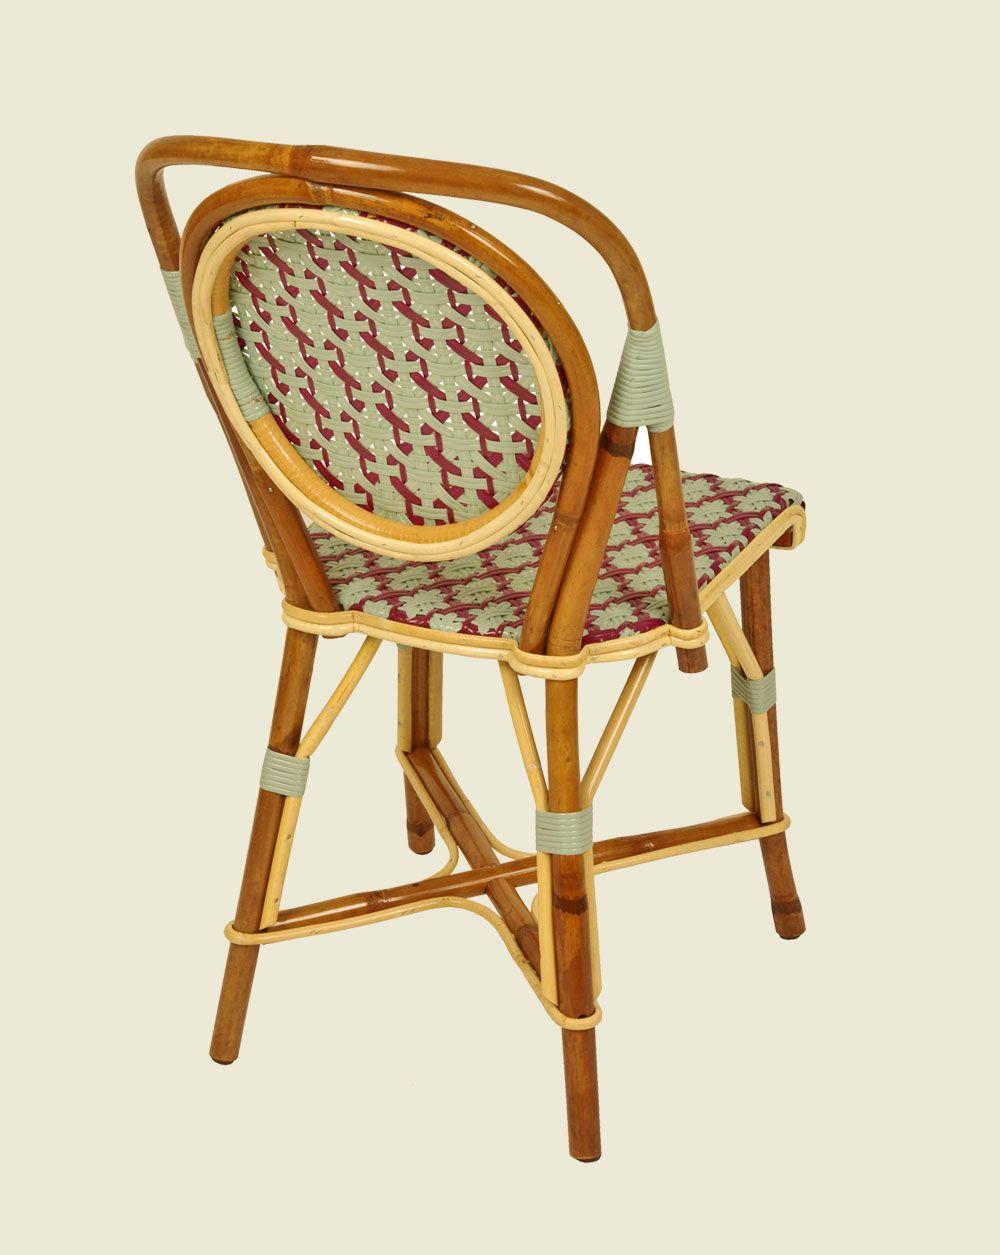 chaise parisienne vert d eau fuchsia dos chaises en 2019. Black Bedroom Furniture Sets. Home Design Ideas